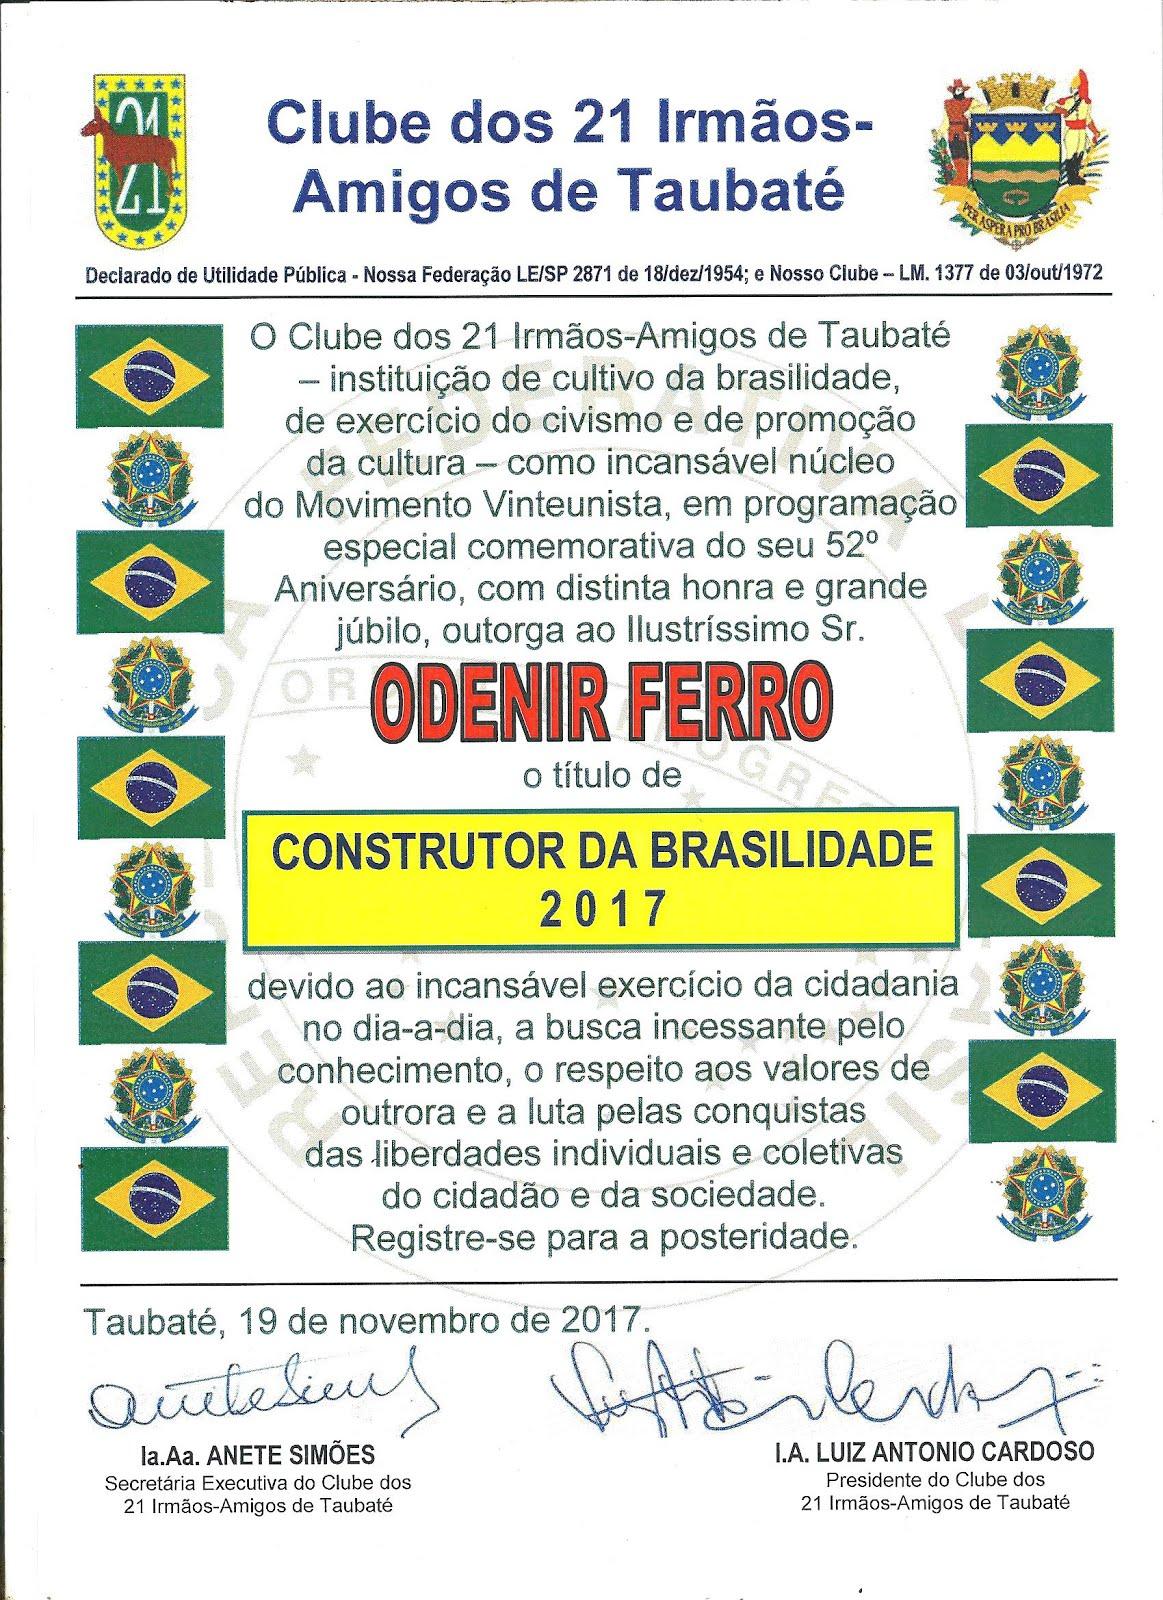 CLUBE DOS 21 IRMÃOS - AMIGOS DE TAUBATÉ